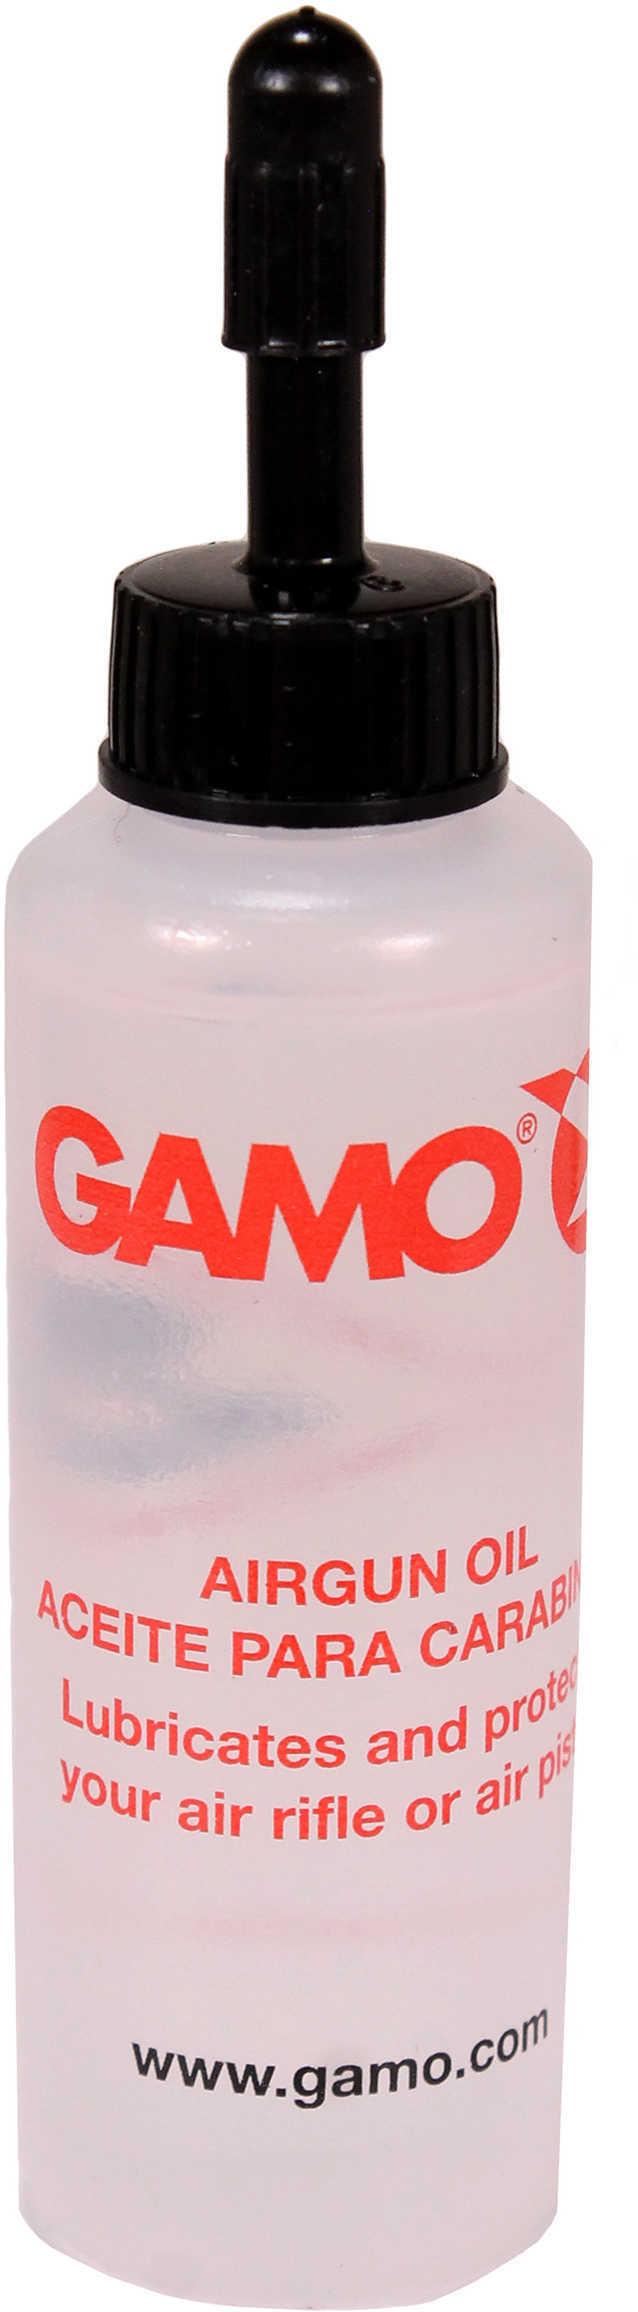 Gamo Air Gun Oil Md: 621241054